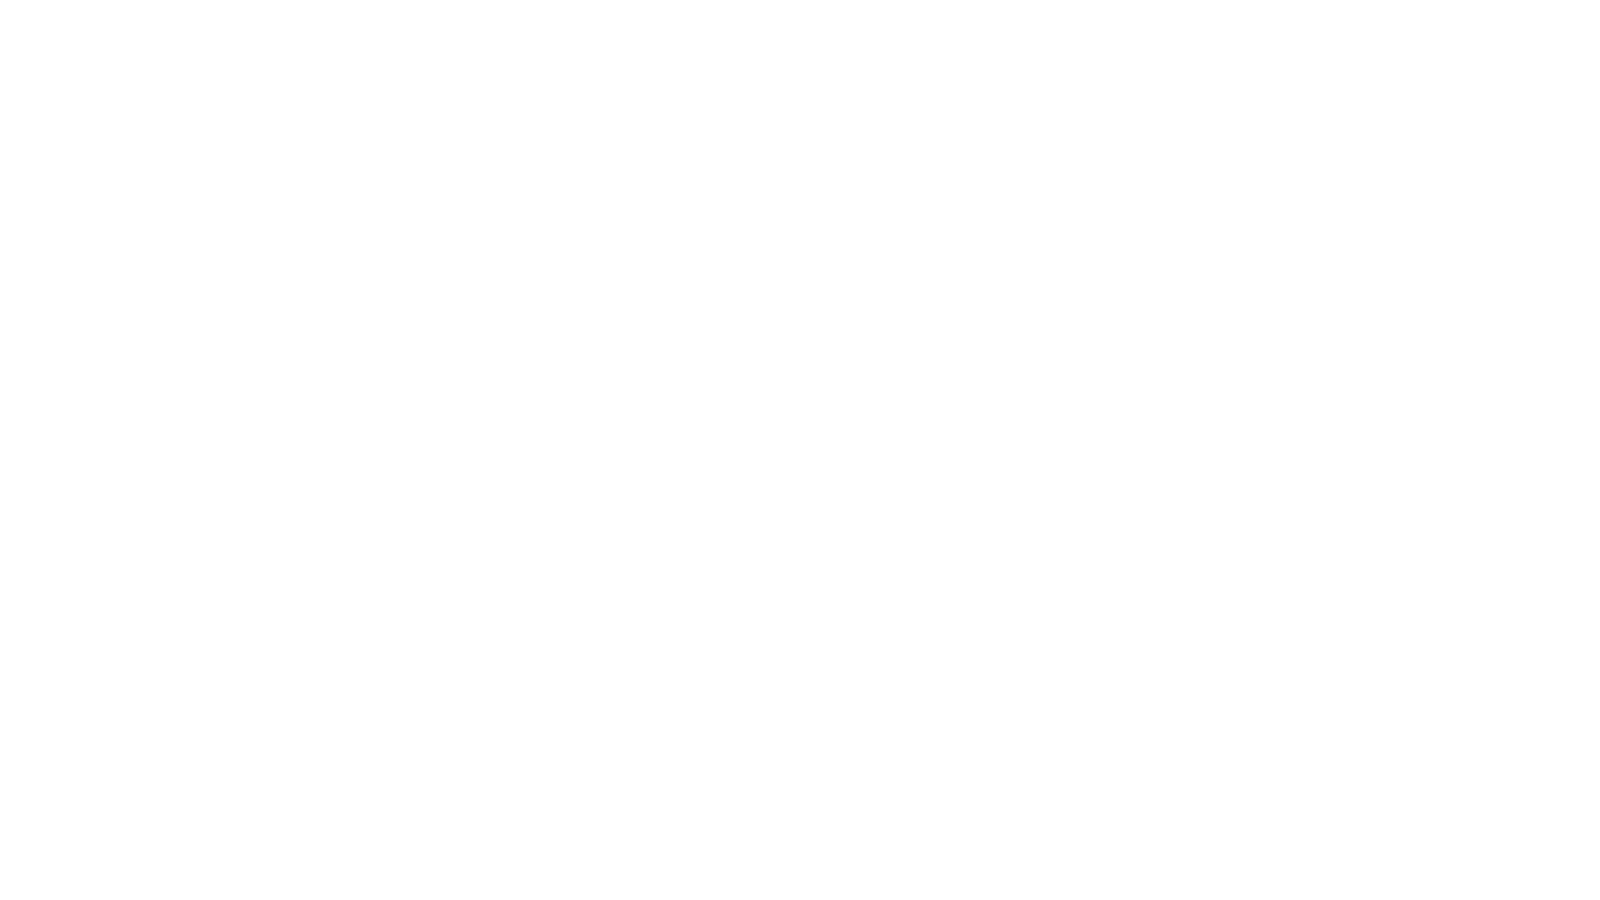 Arnt Rune Flekstad og Bent Johan Mosfjell samtaler om at det er feil å se på liberalisme som en ideologi for de rike. Liberalismen er til fordel for de fattige.  Bent Johans hjørne spilles inn i biblioteket til Liberalerens redaktør, Bent Johan Mosfjell. Ulike gjester samtaler om emner som forhåpentligvis er av interesse for liberale mennesker.